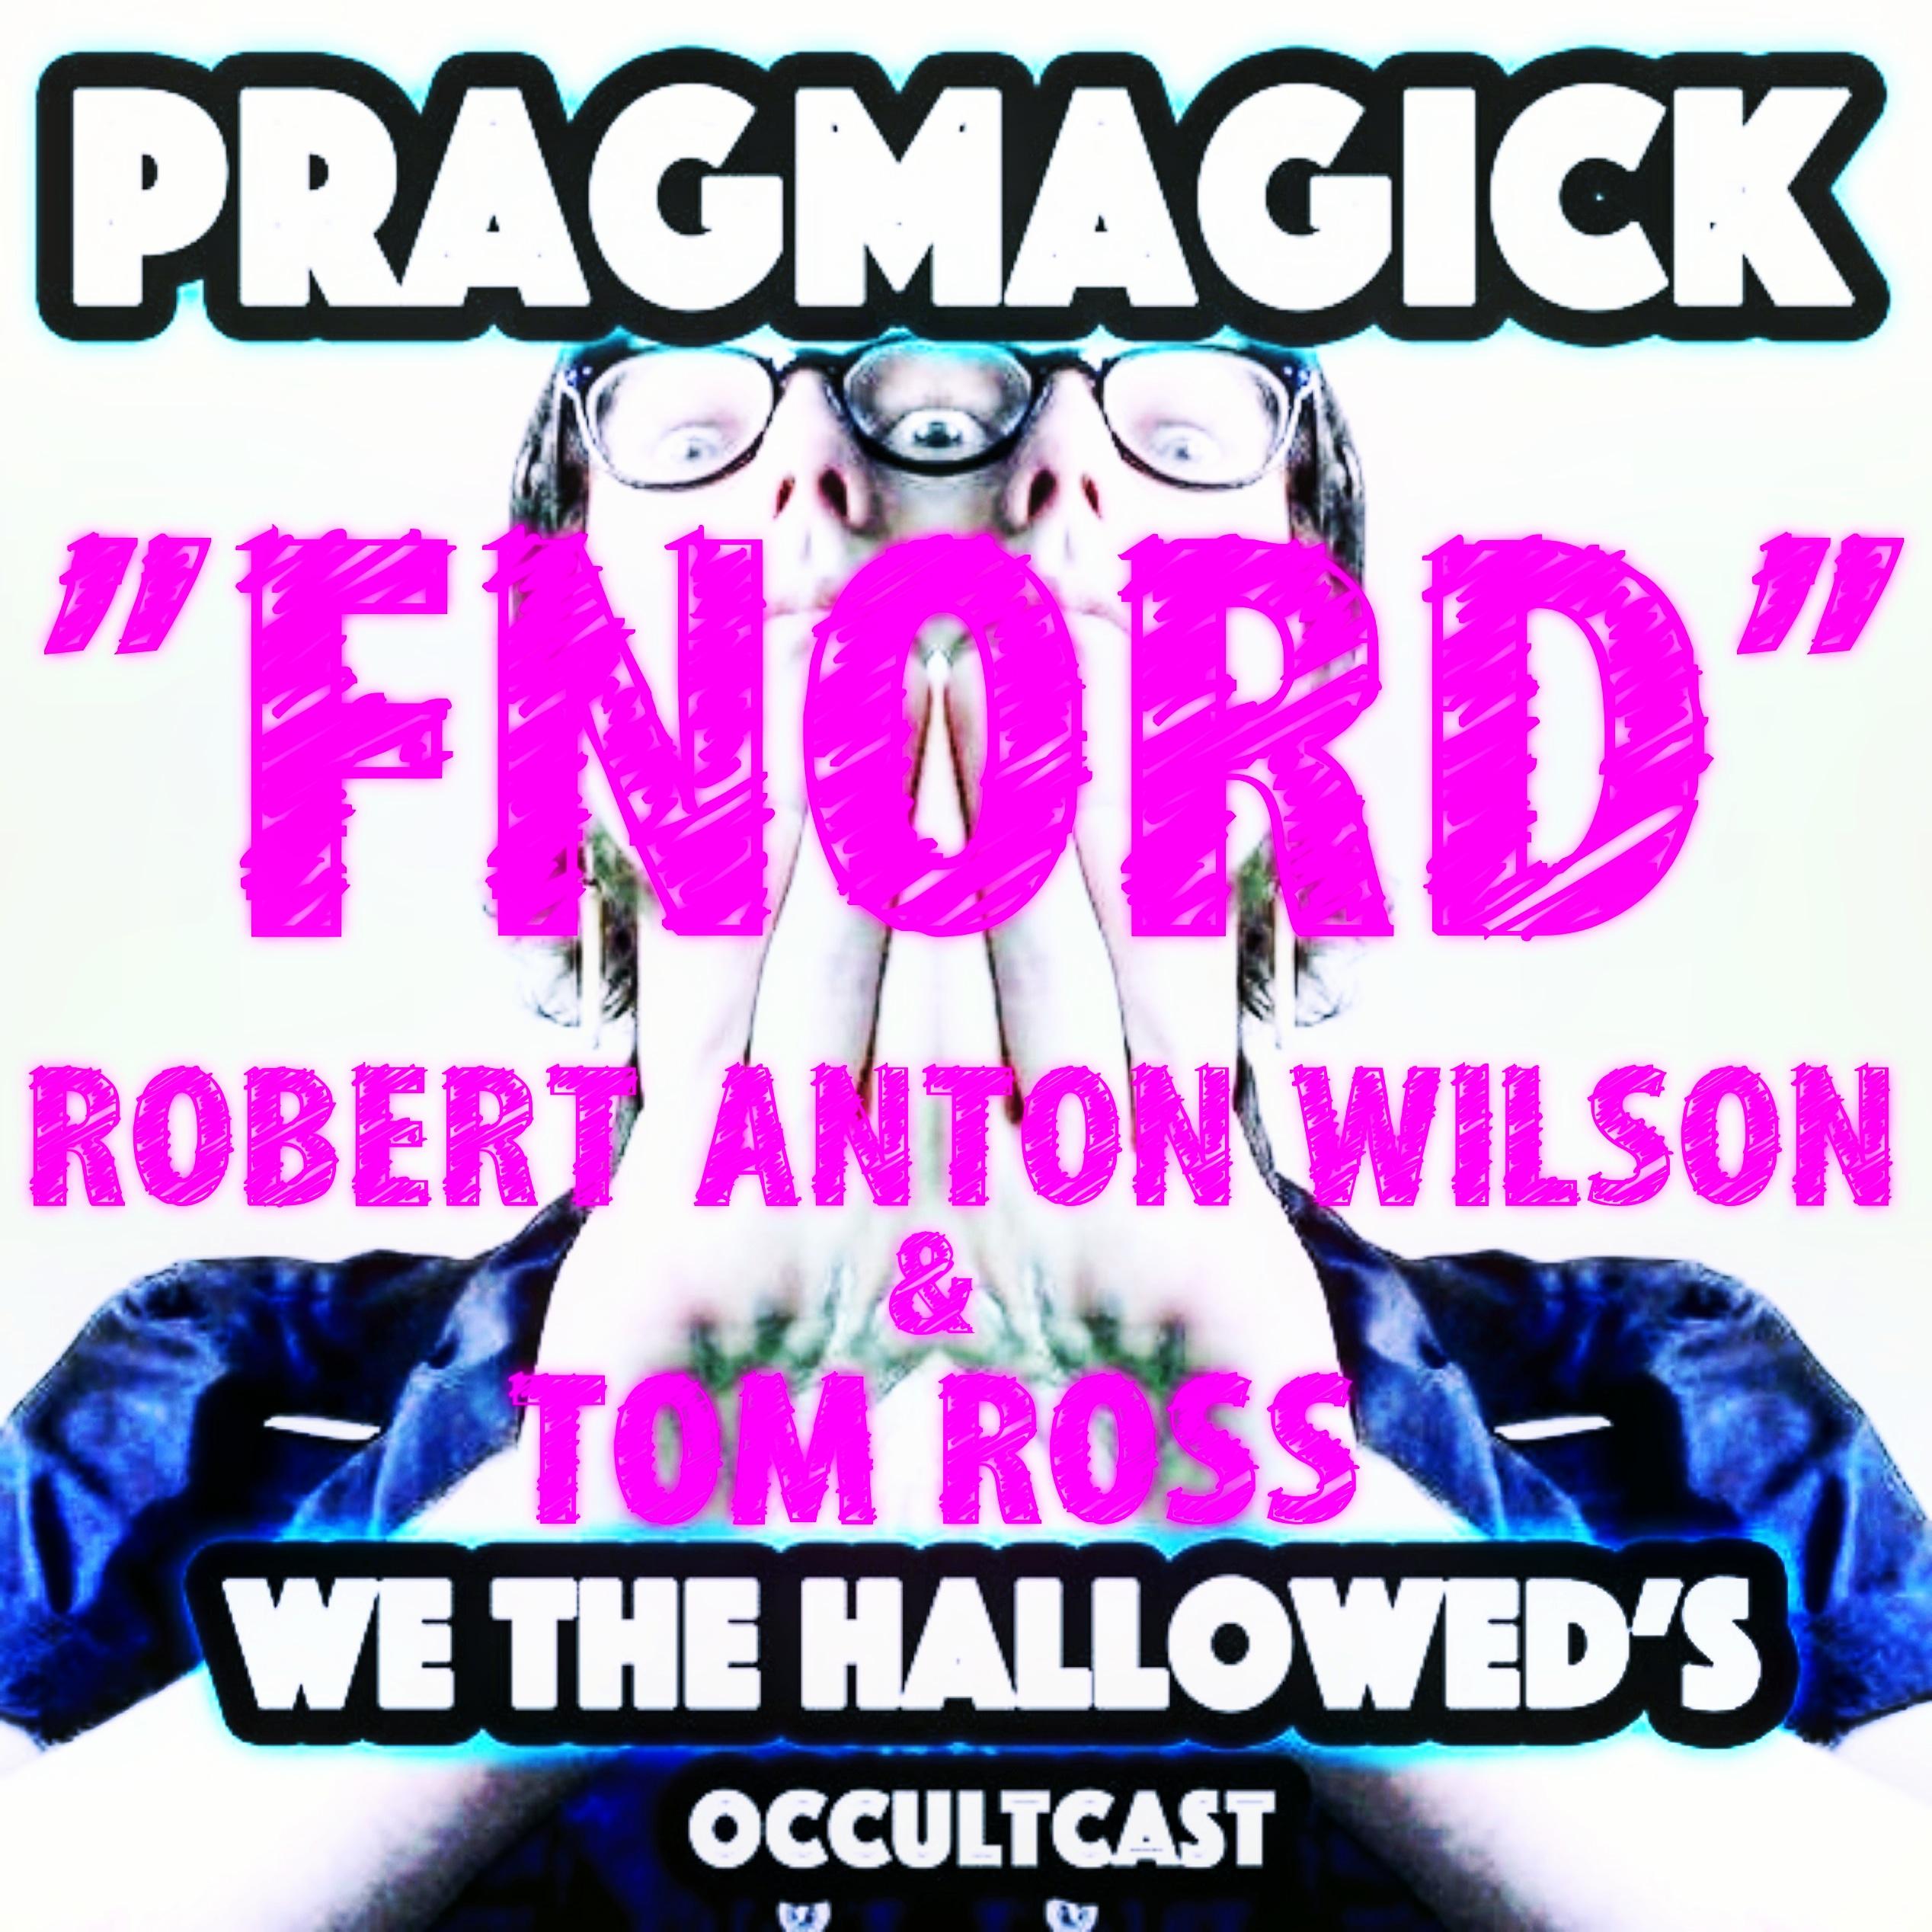 RARE R.A.W. in PRAGMAGICK #10!